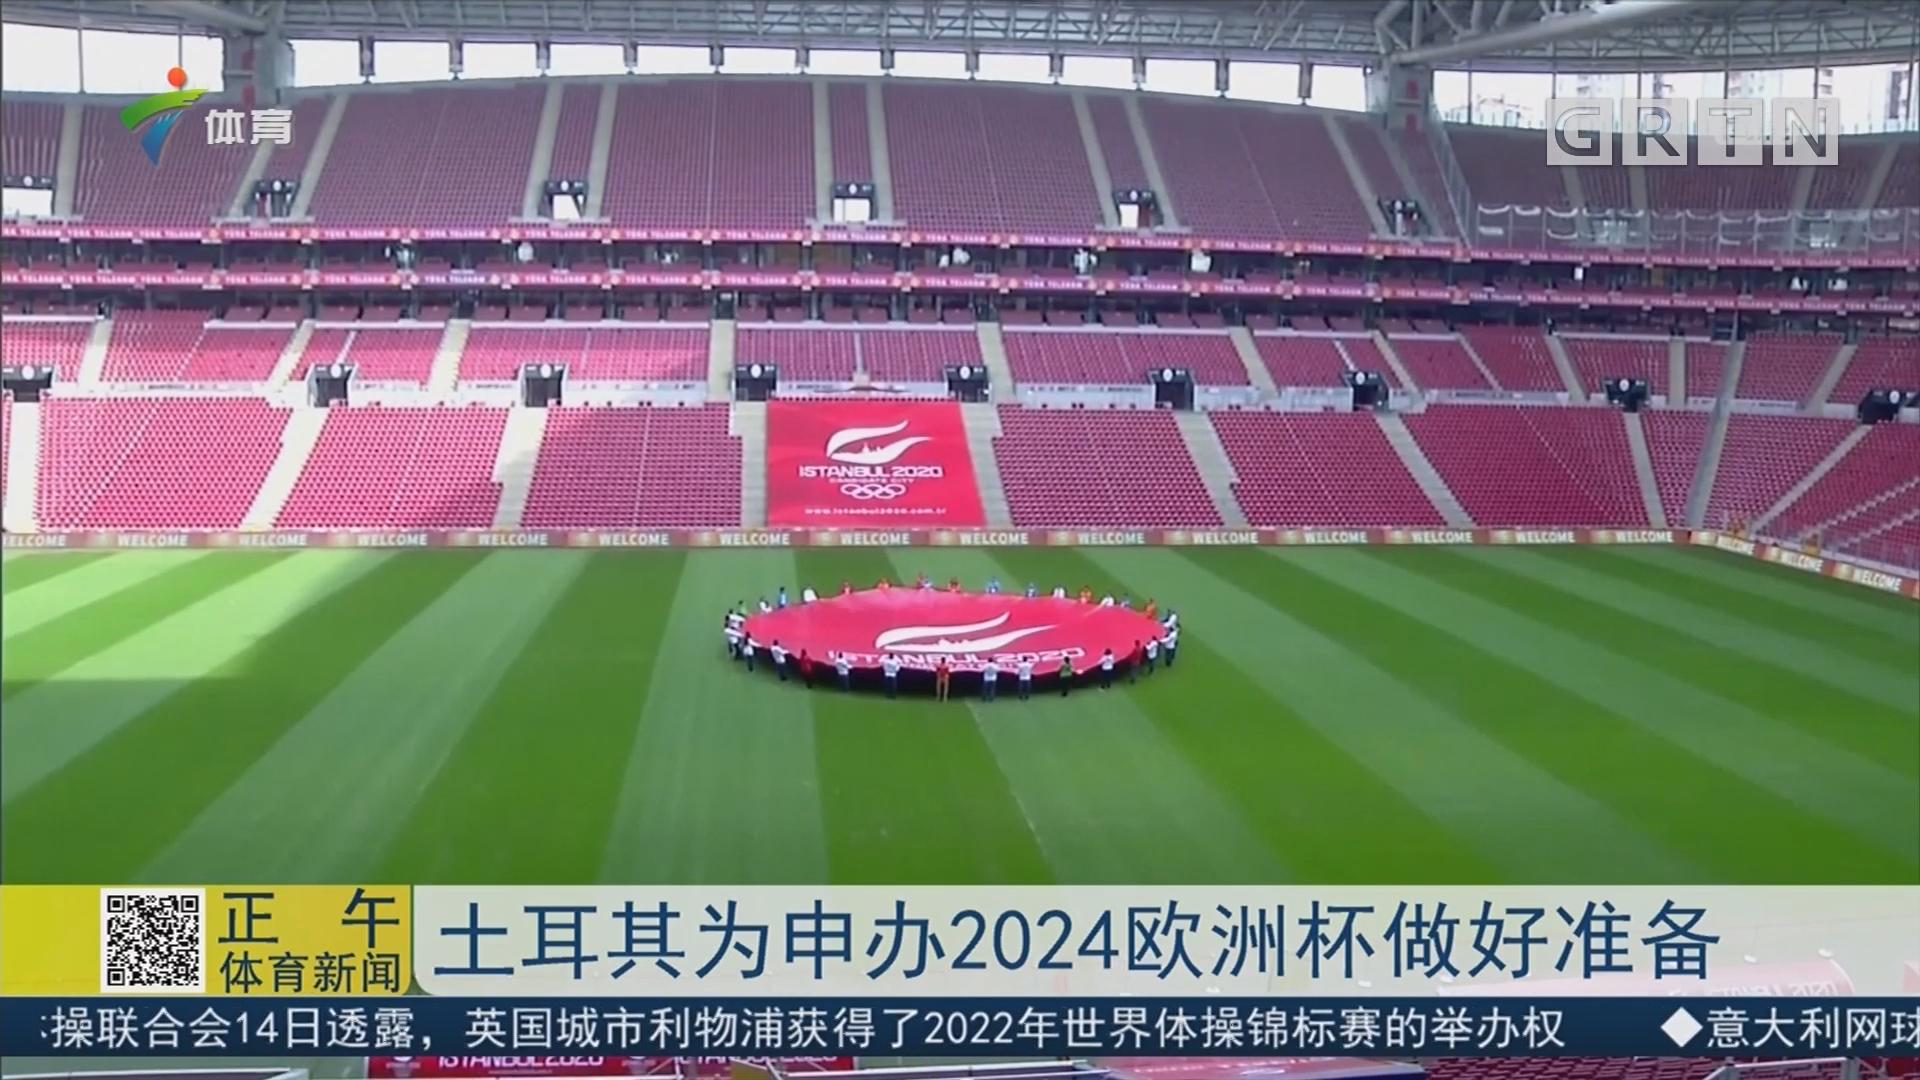 土耳其为申办2024欧洲杯做好准备